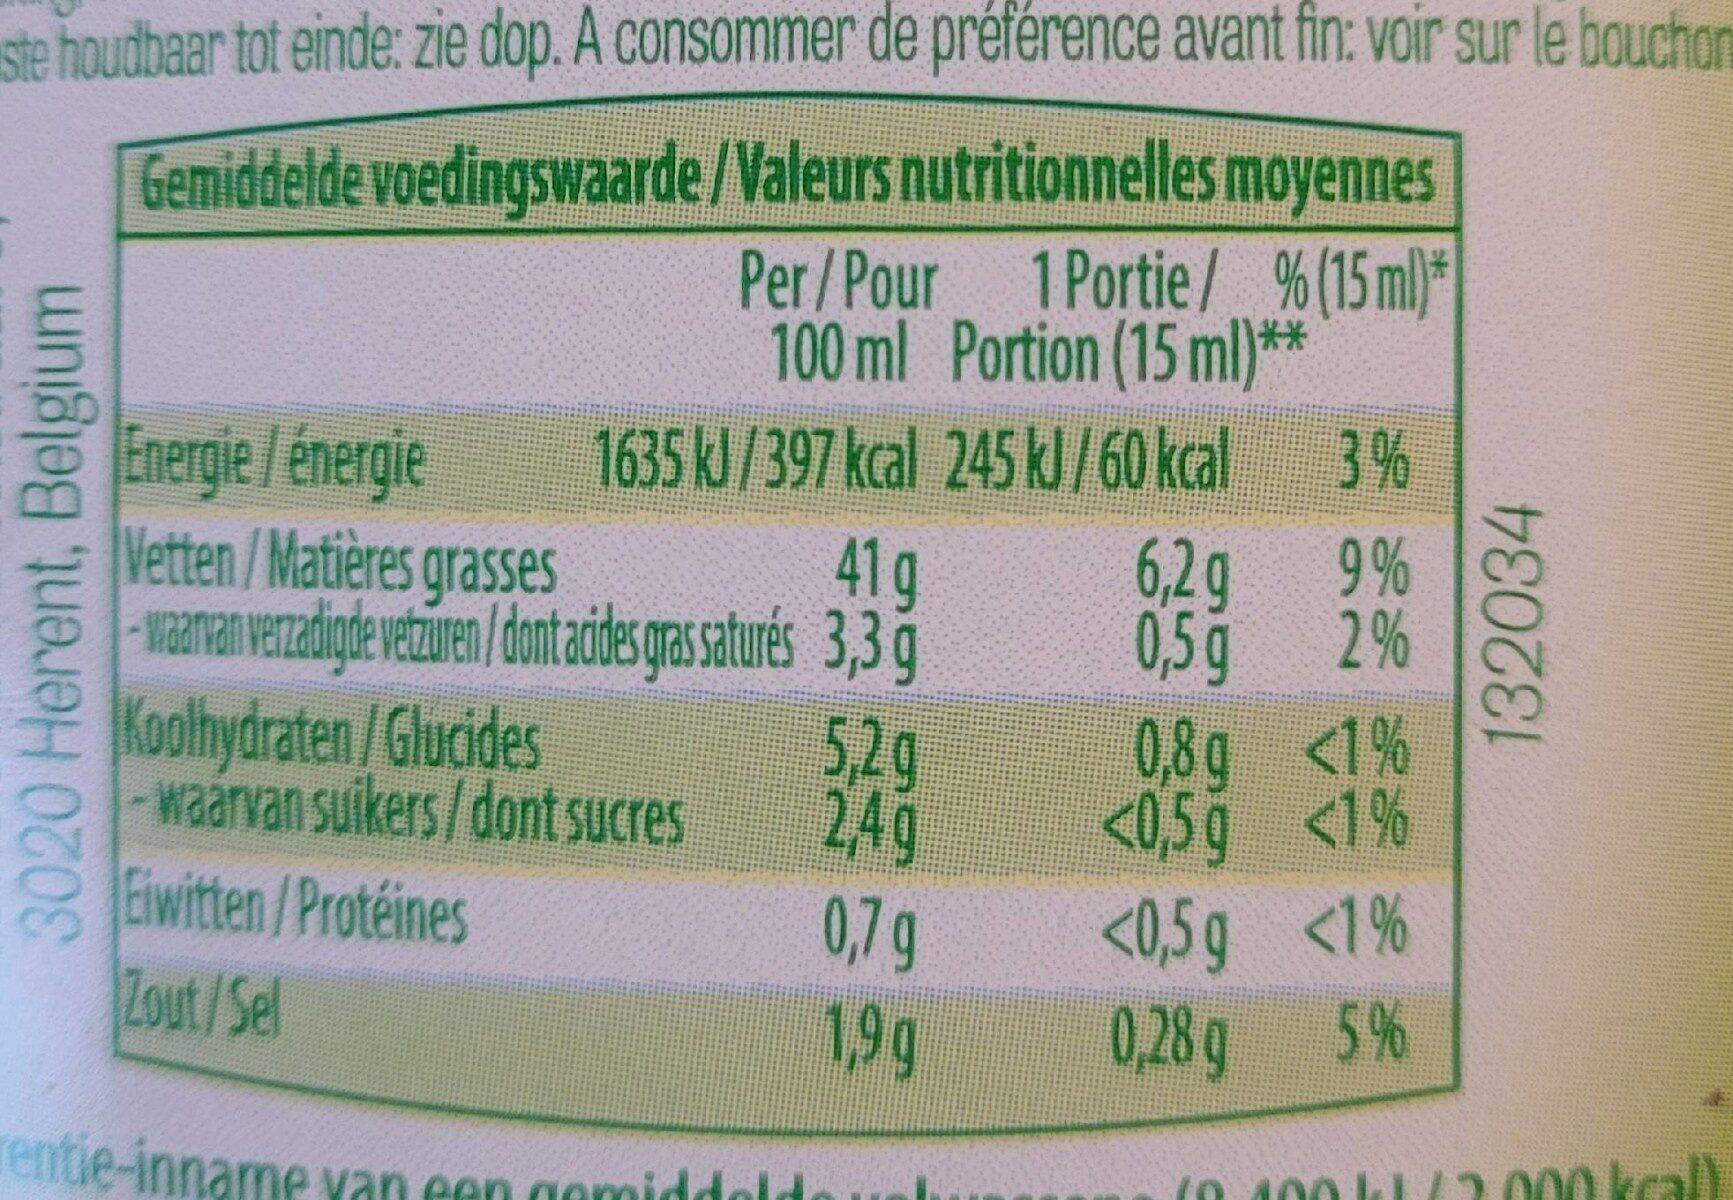 Vinaigrette ciboulette - Informations nutritionnelles - fr